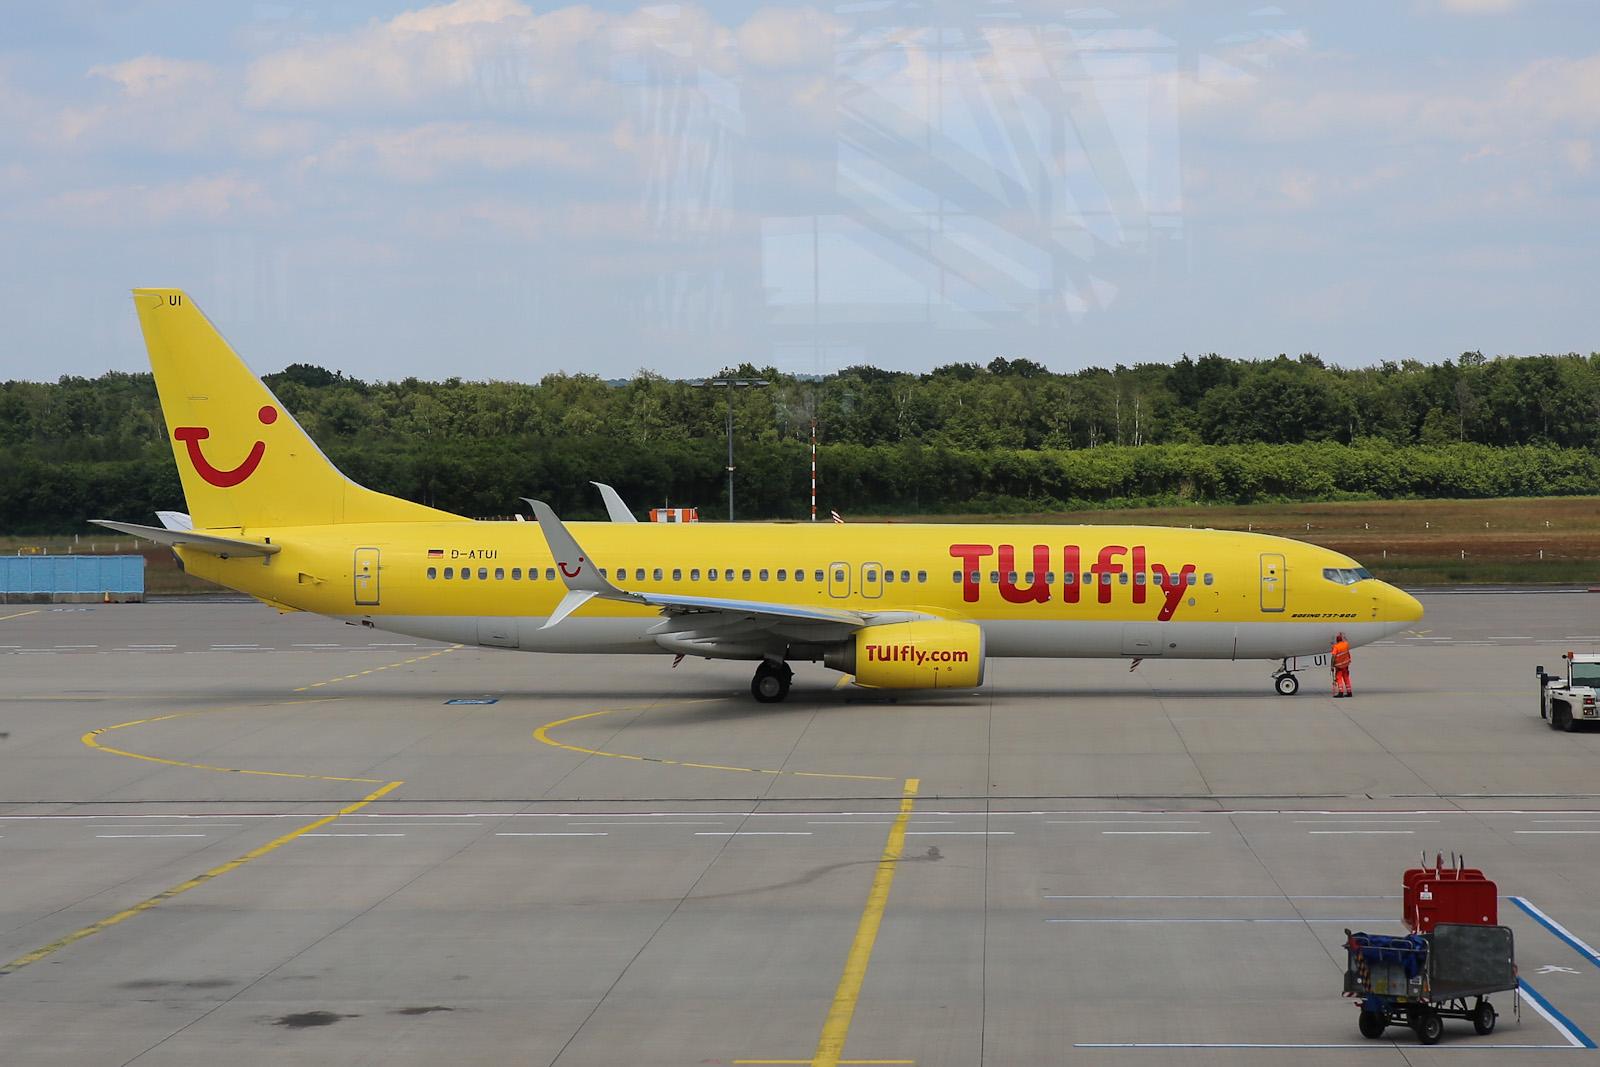 Боинг-737-800 D-ATUI авиакомпании TUIfly в аэропорту Кёльн/Бонн